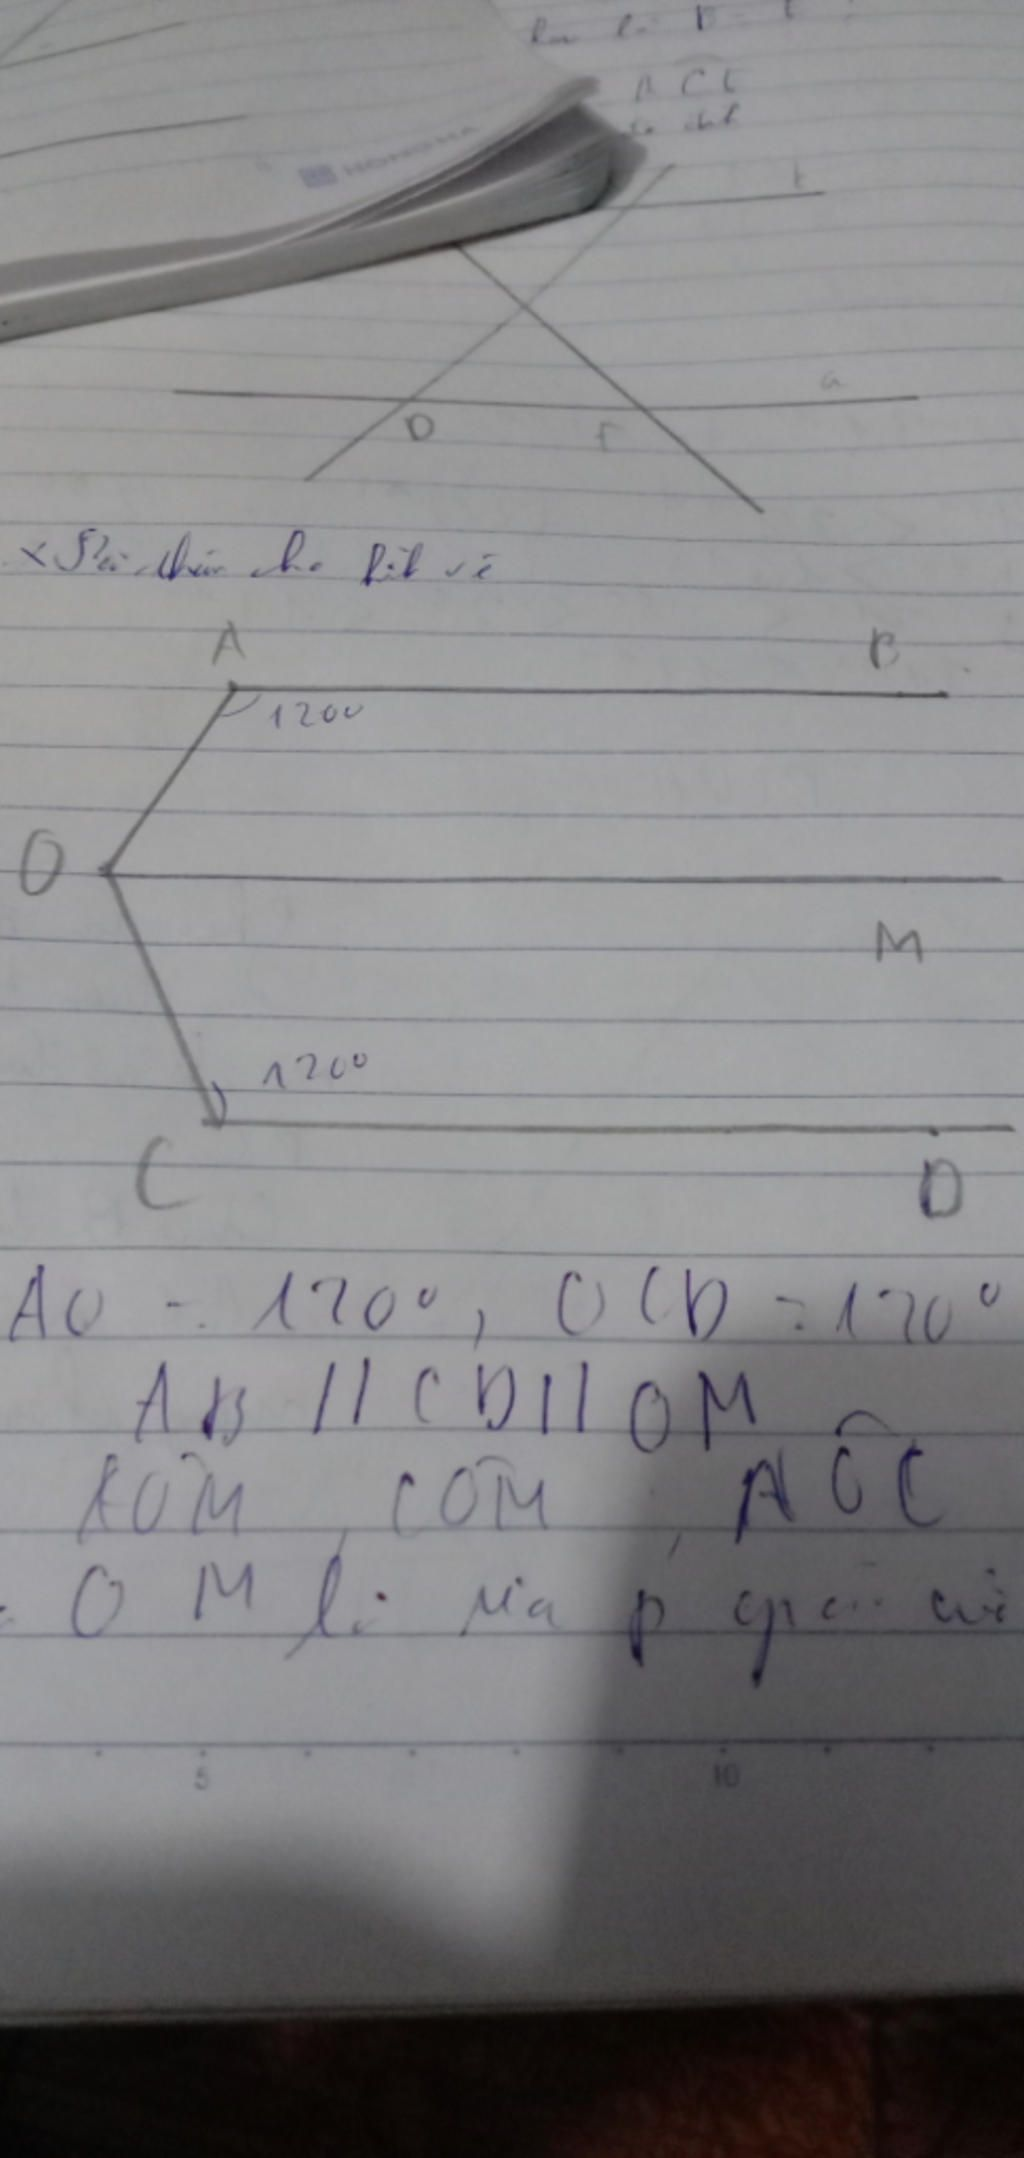 biet-bao-120-do-ocd-120-do-tinh-aom-com-aoc